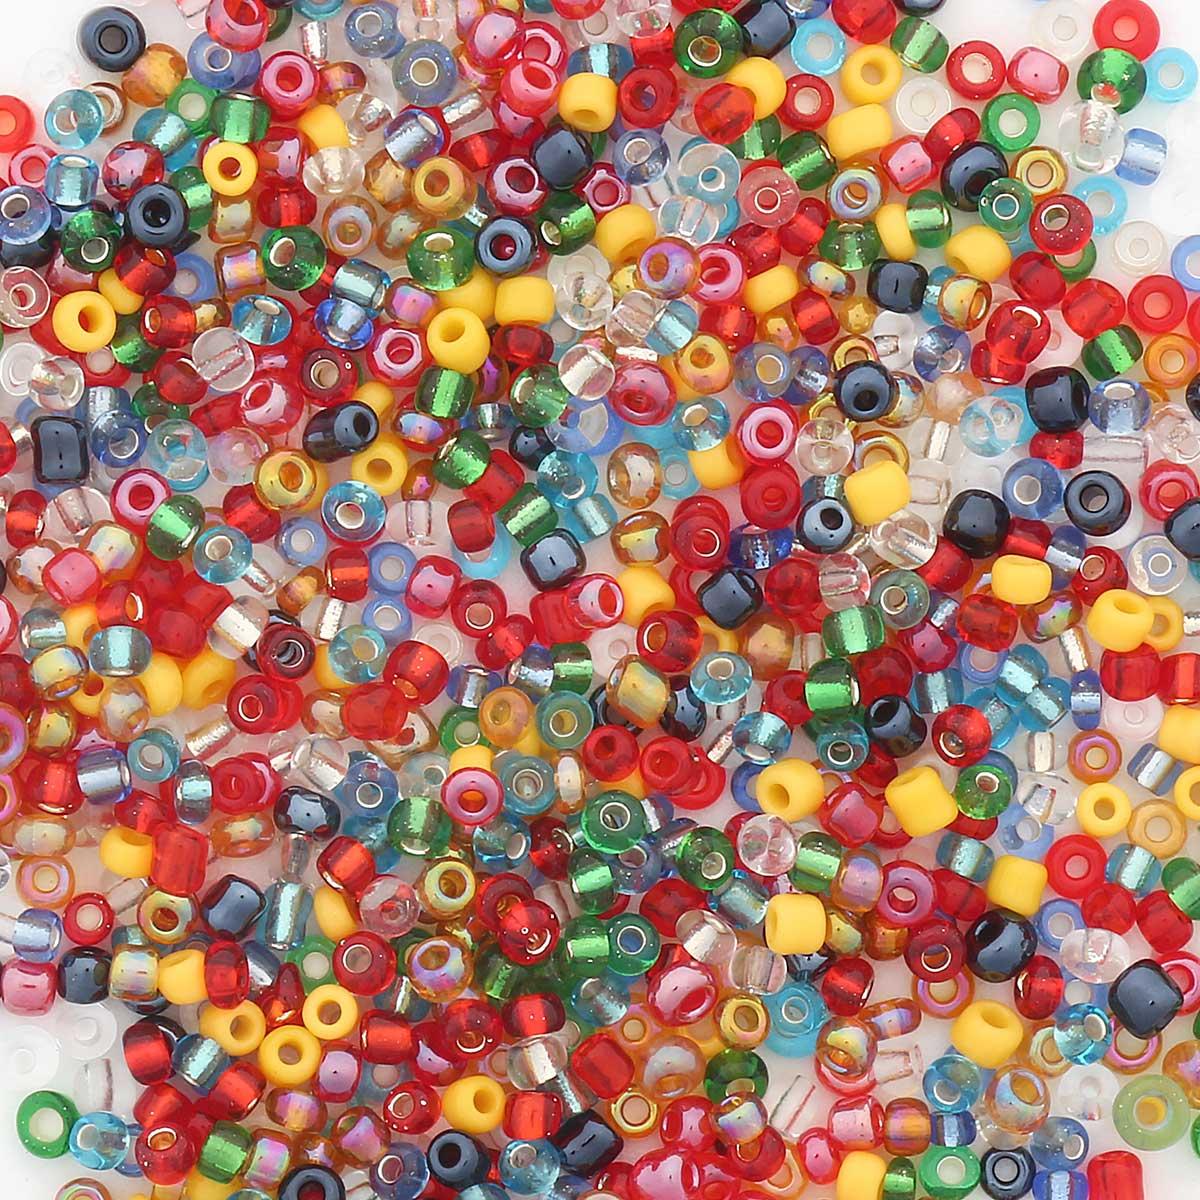 Бисер разноцветный 11/0, 700г, Астра